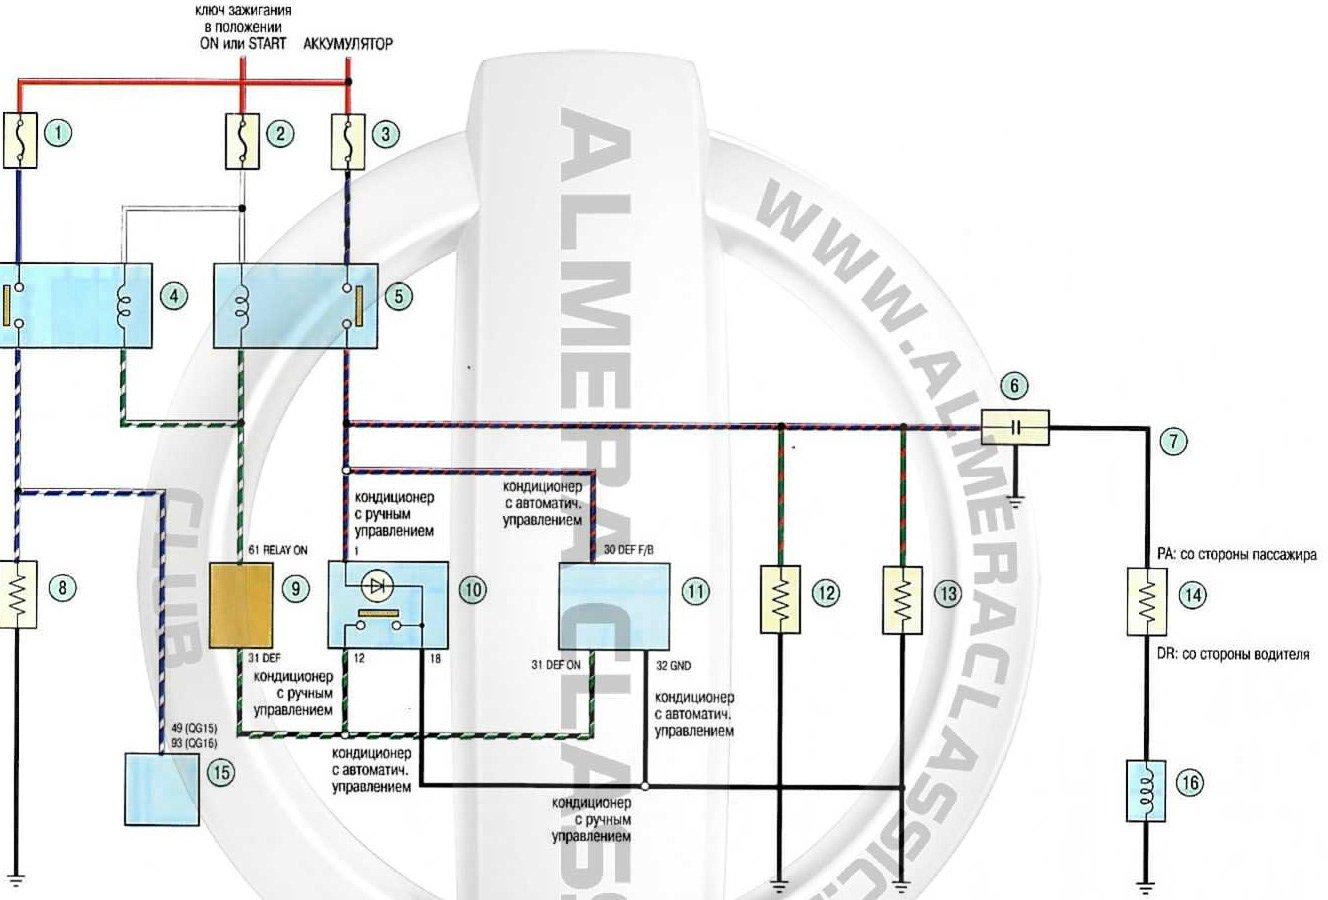 nissan bluebird sylphy схема управления стеклоочистителем